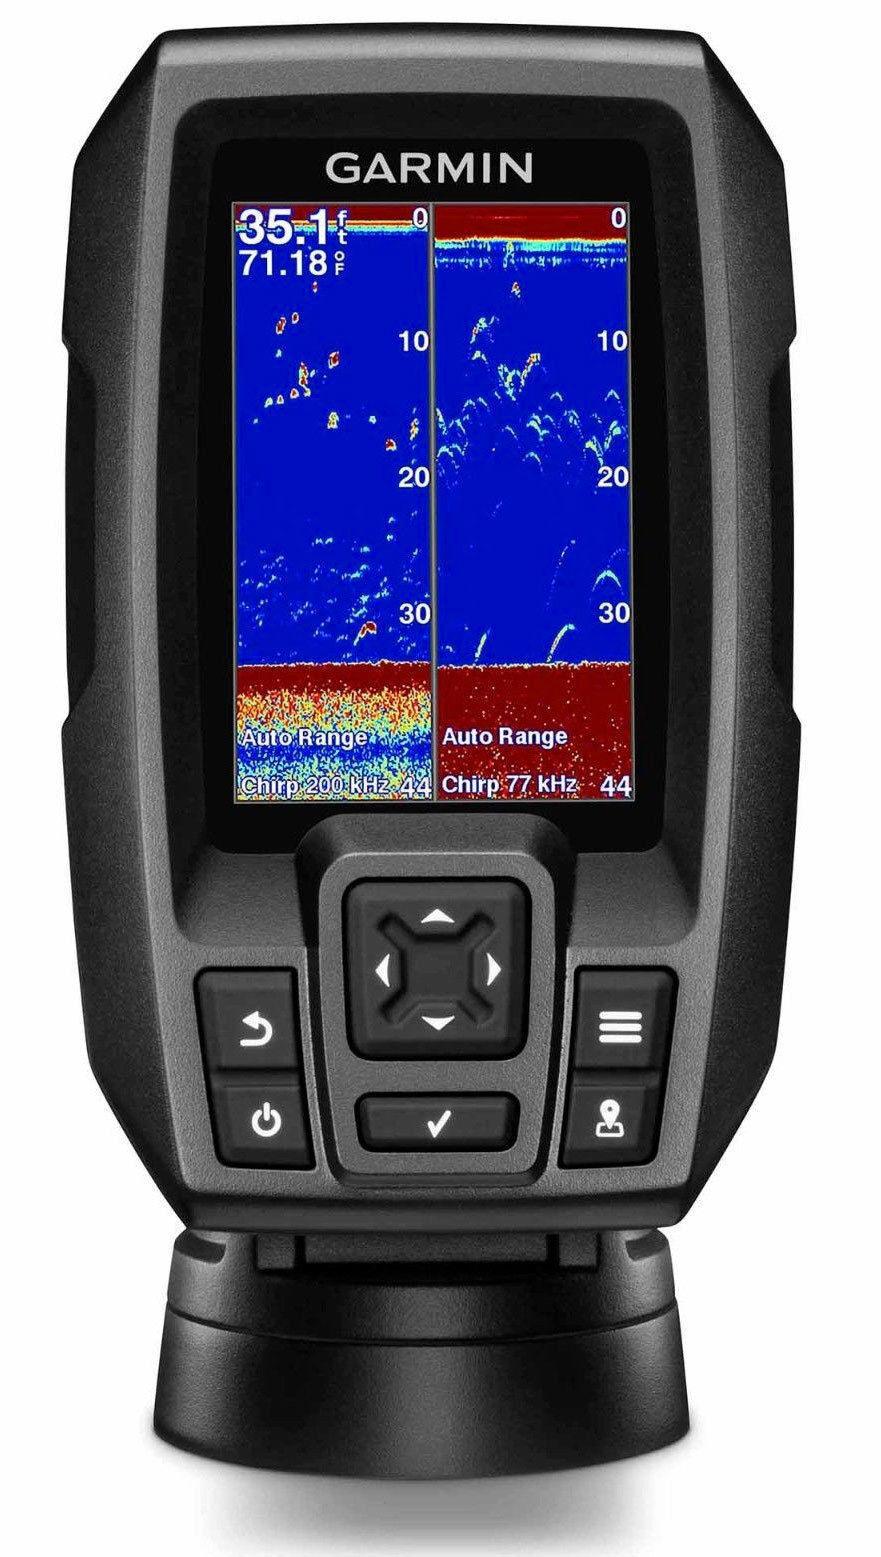 Garmin Striker 4 Fishfinder CHIRP with Dual-Beam CHIRP Fishfinder Transducer 010-01550-01 15324c